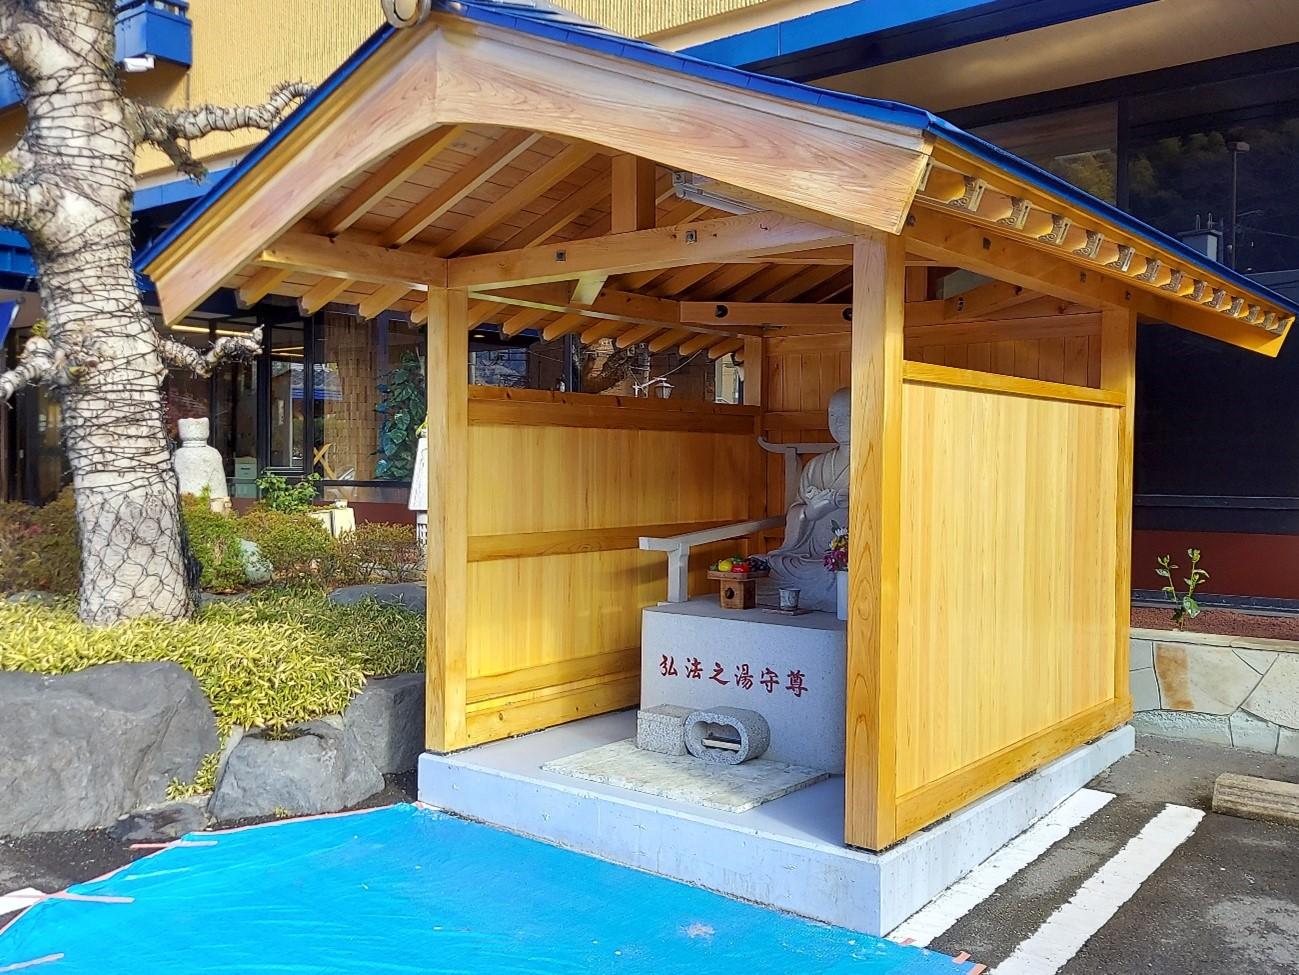 伊豆の国市│長岡弘法様と三輪車小屋木部塗装工事 施工実績